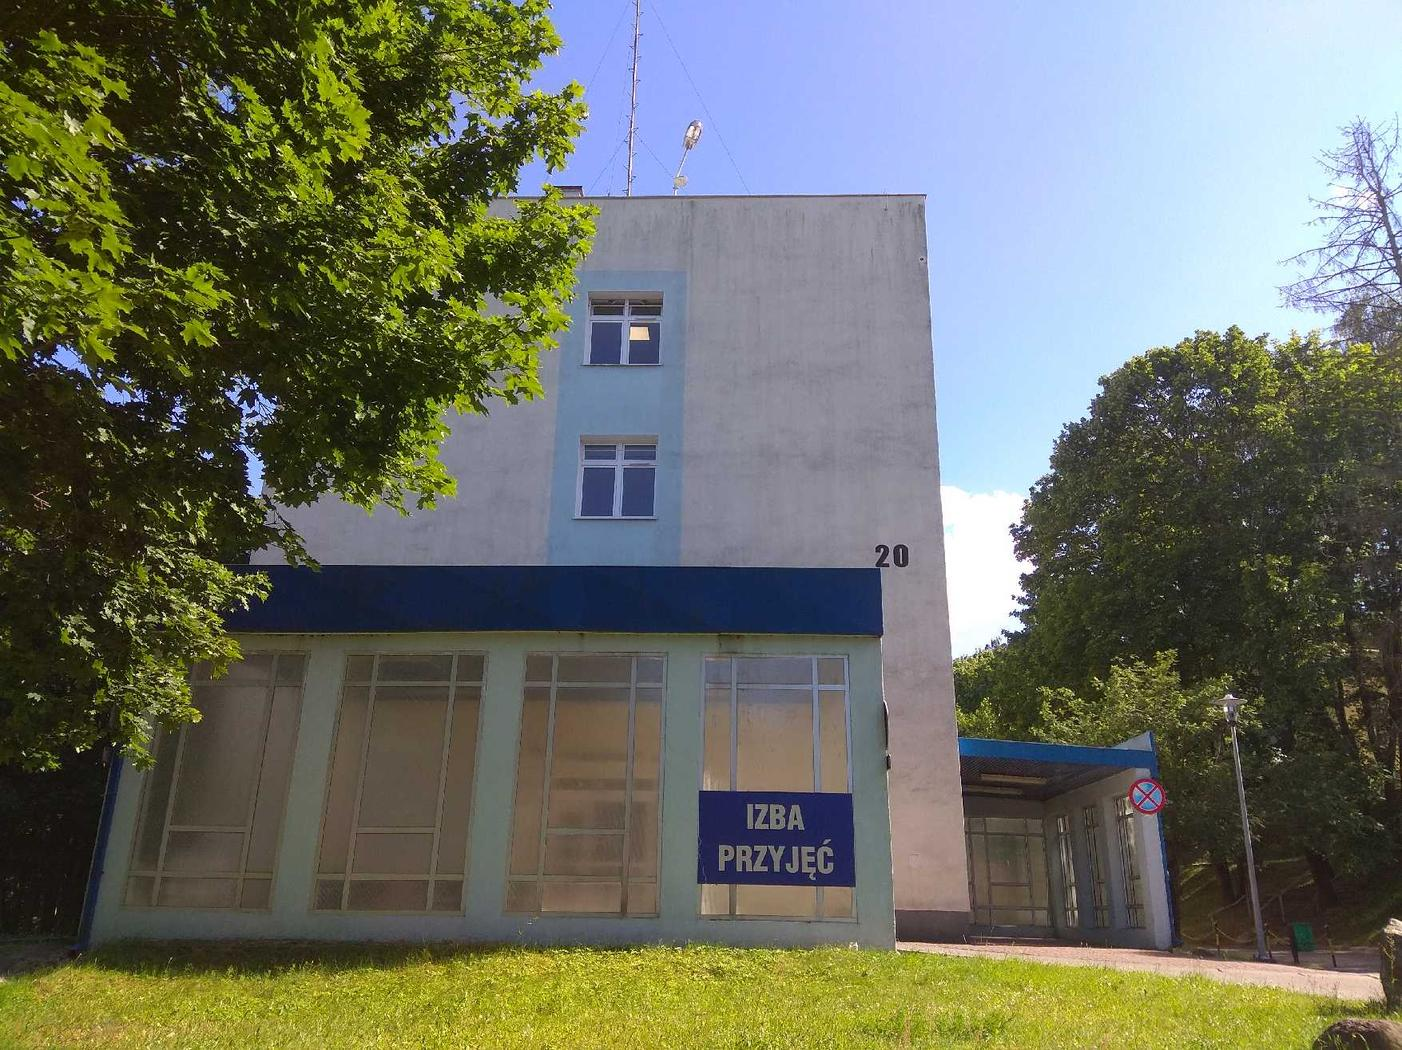 Informacja pospotkaniu w Wojewódzkim Szpitalu Psychiatrycznym im. prof. T. Bilikiewicza w Gdańsku